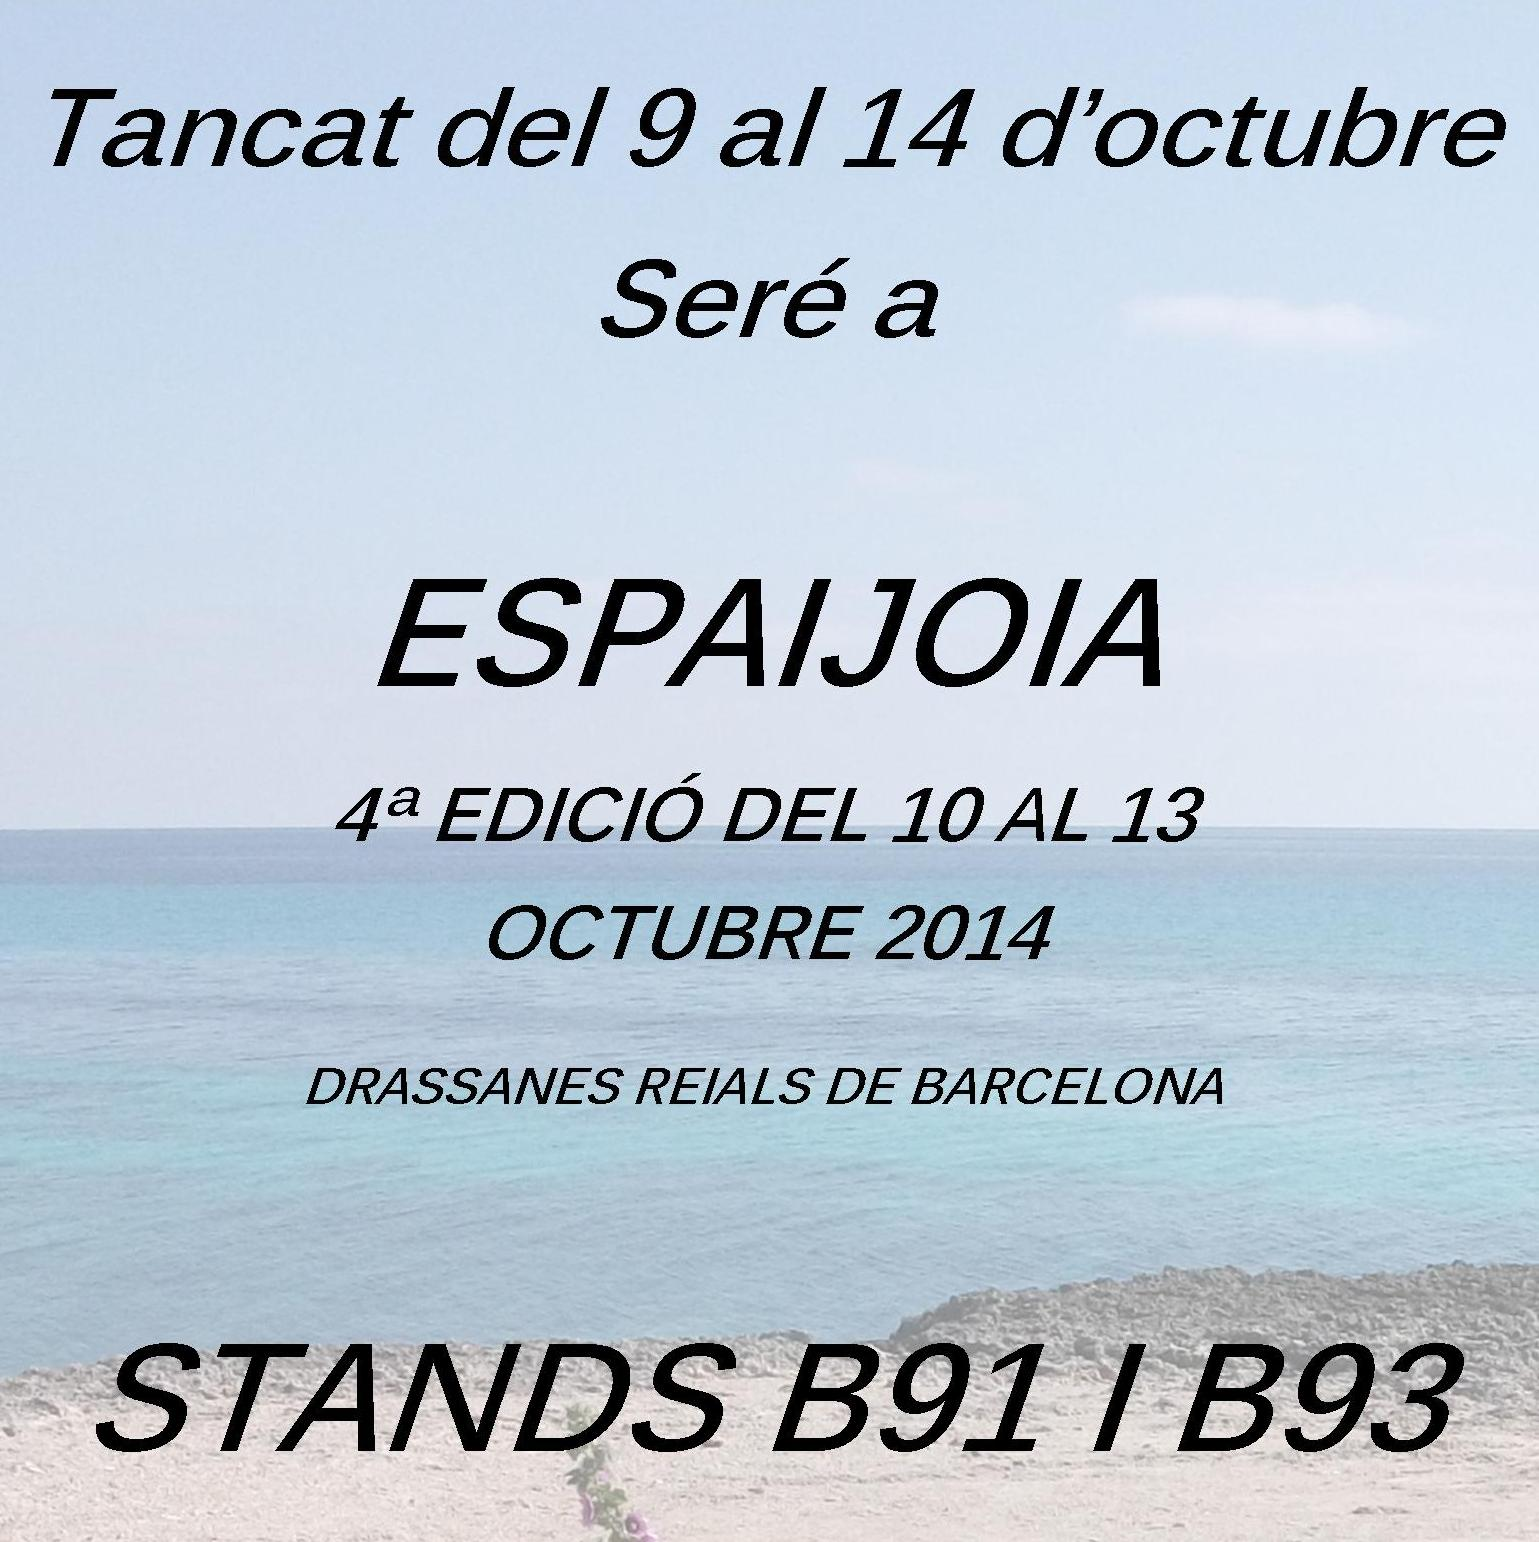 I will be in Espaijoia 2014